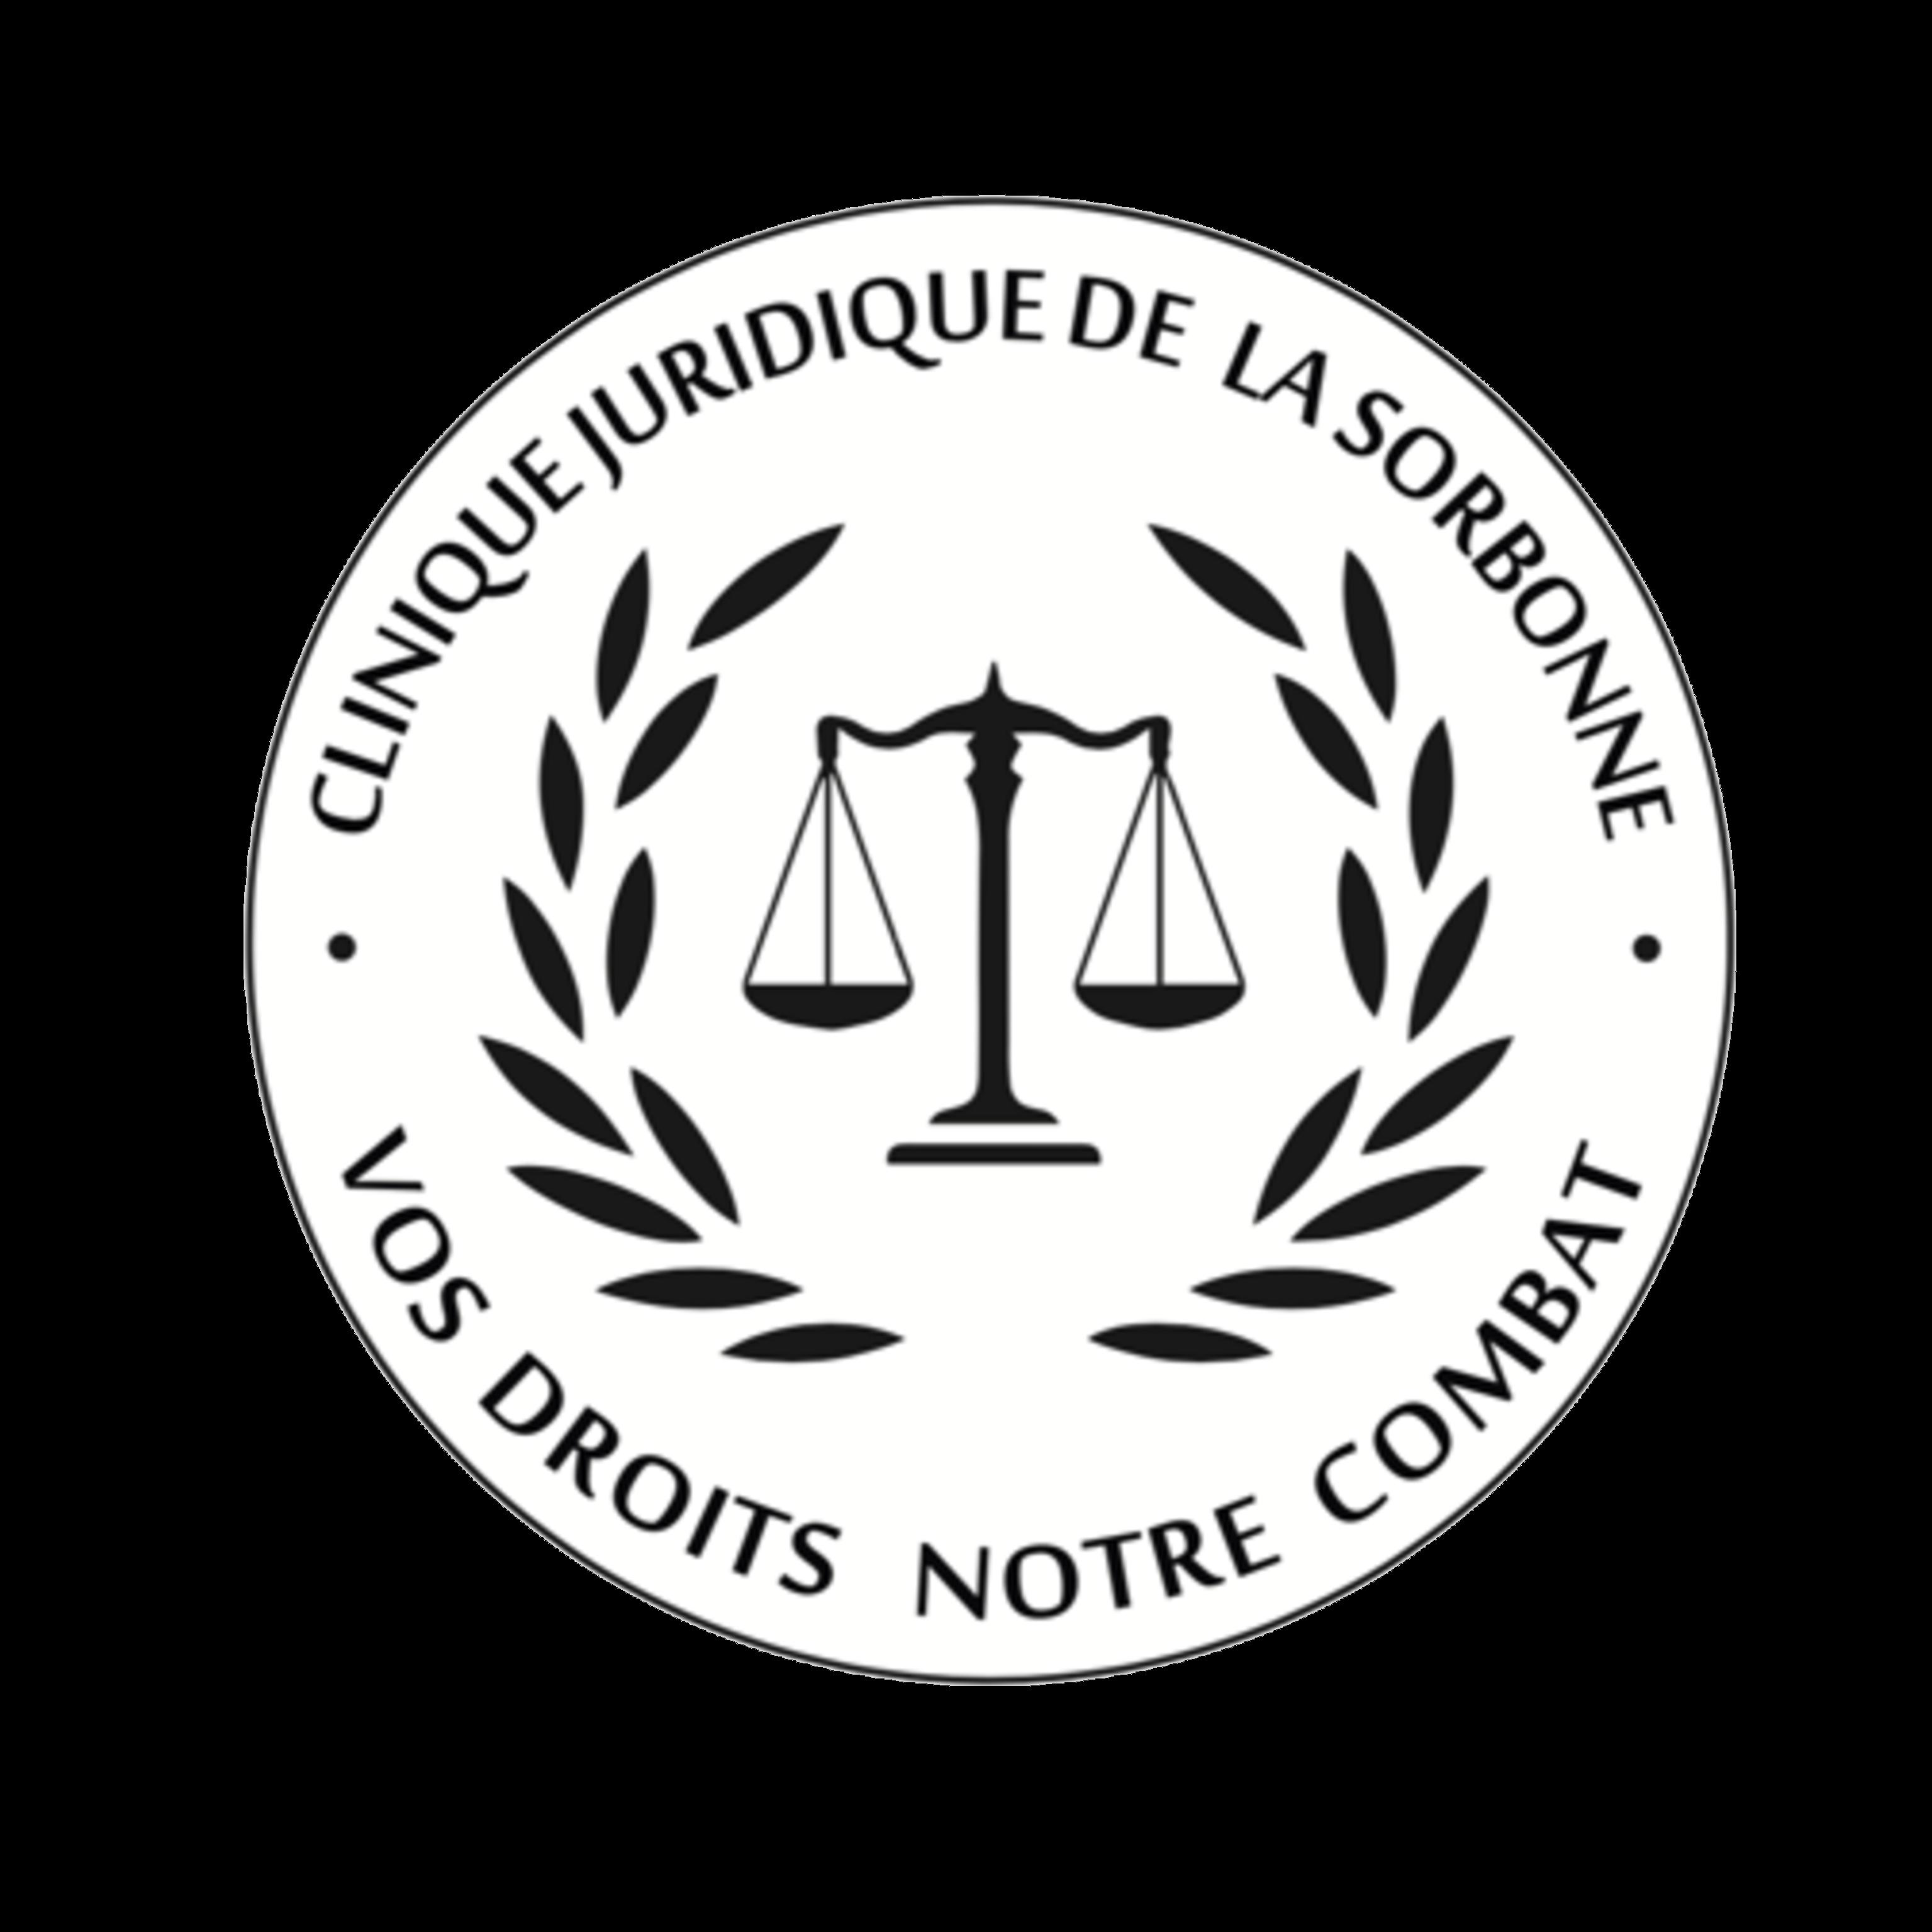 Clinique Juridique de la Sorbonne